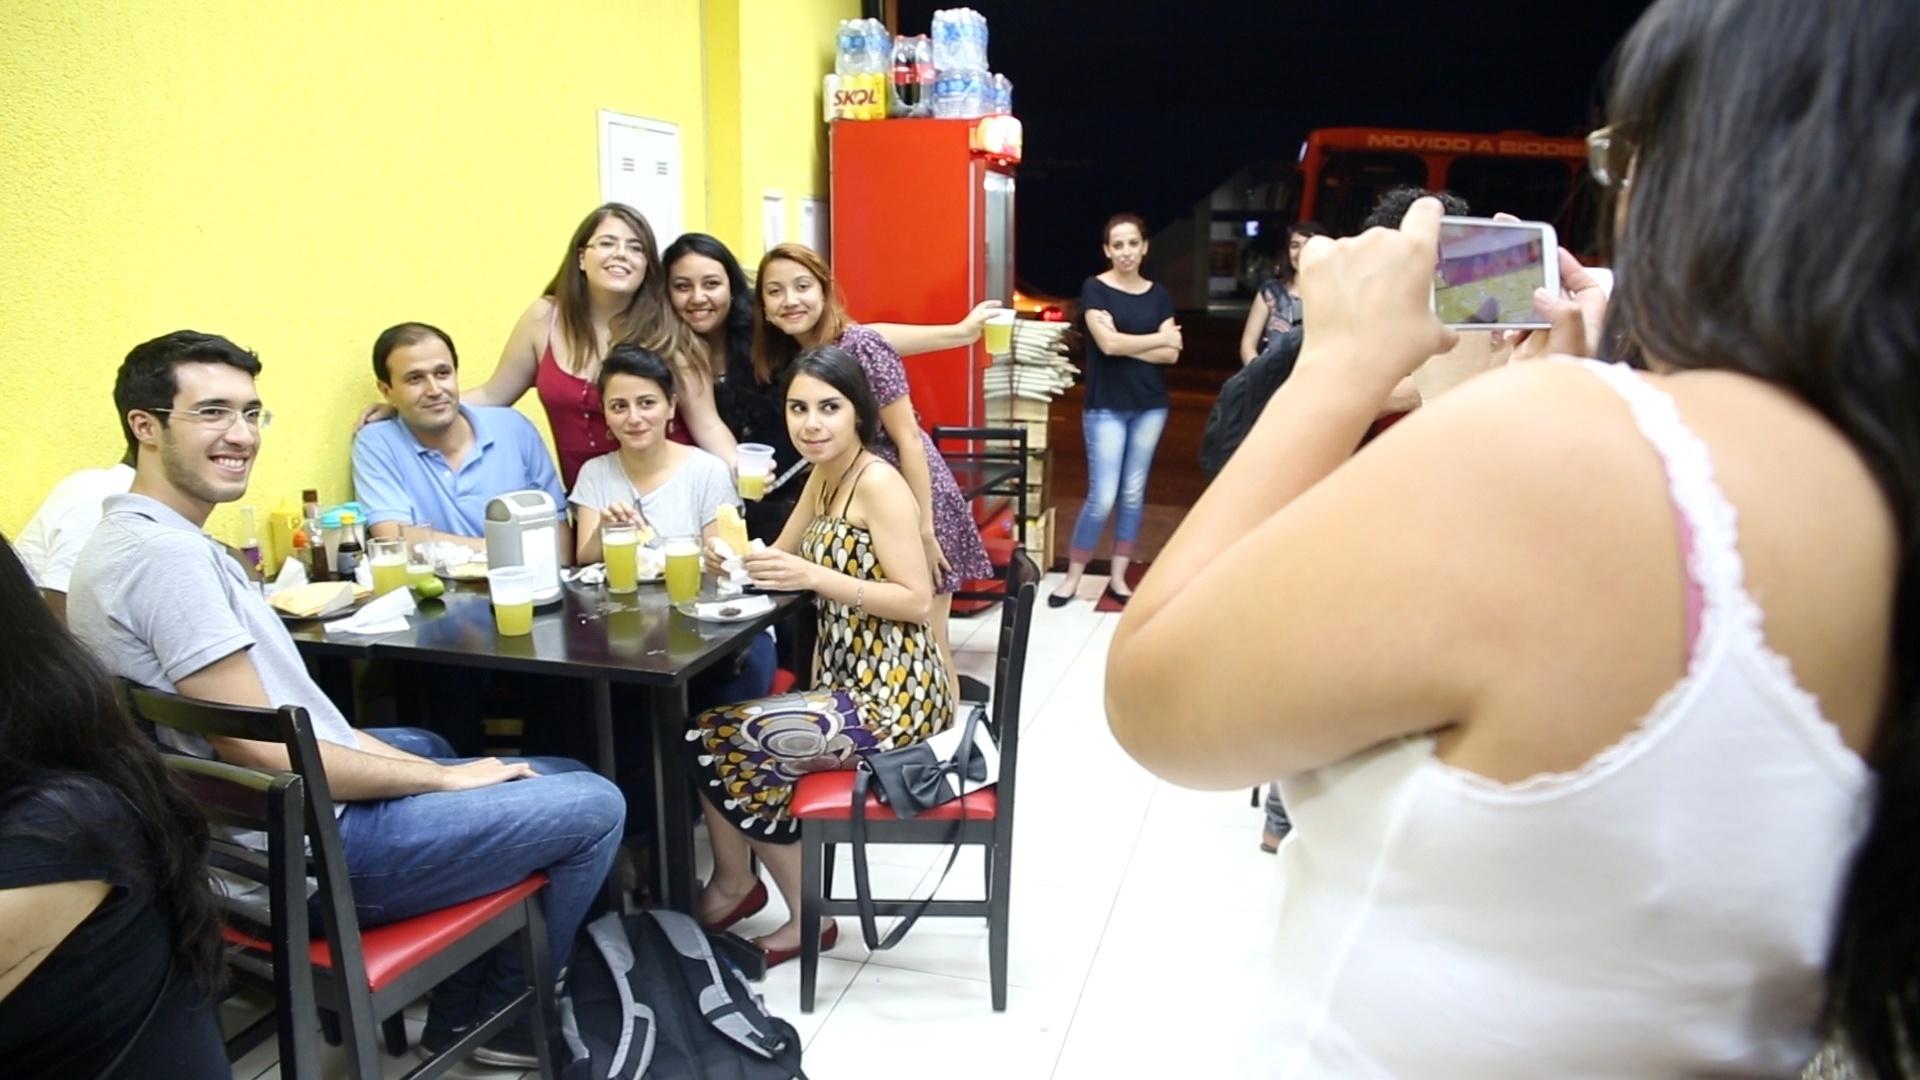 Refugiados alunos do curso de português do Memoref, da Unifesp, comem pastel e caldo de cana em bar de Guarulhos, na Grande São Paulo, durante atividade para conhecer a cultura brasileira. Foi a primeira vez em que eles provaram o clássico das feiras paulistanas